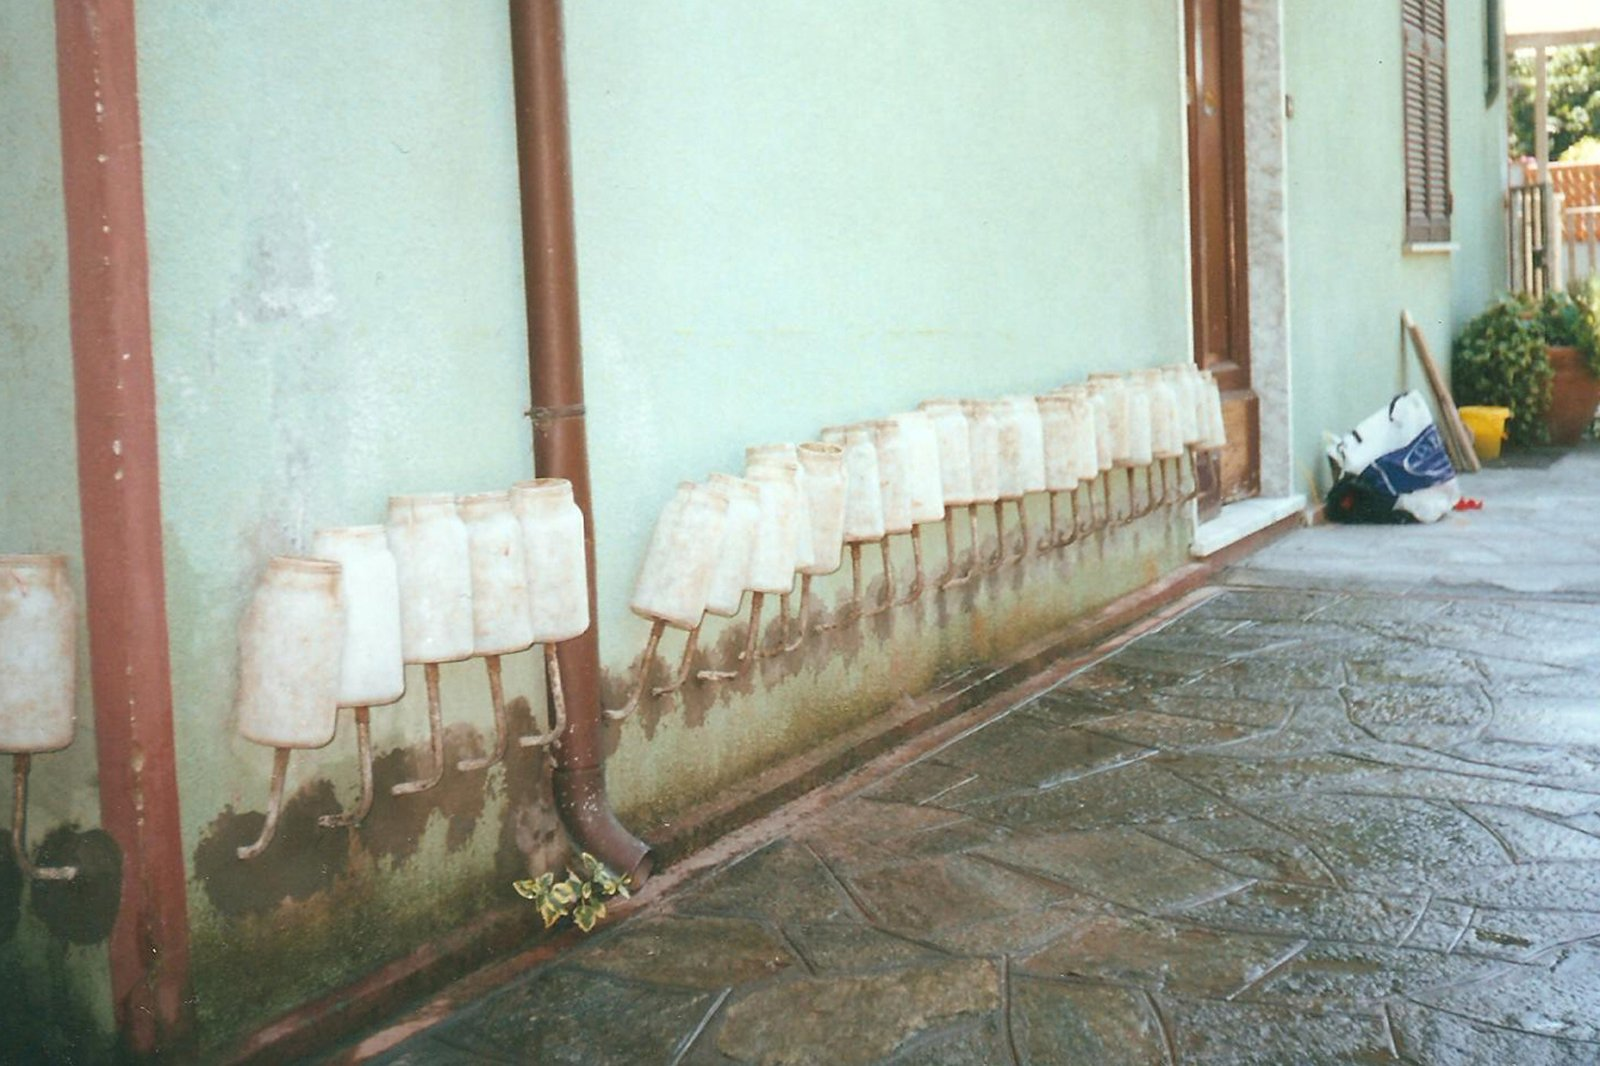 Umidit muri esterni stunning luumidit di risalita una delle tipologie di umidit pi comunemente - Umidita muri esterni casa ...